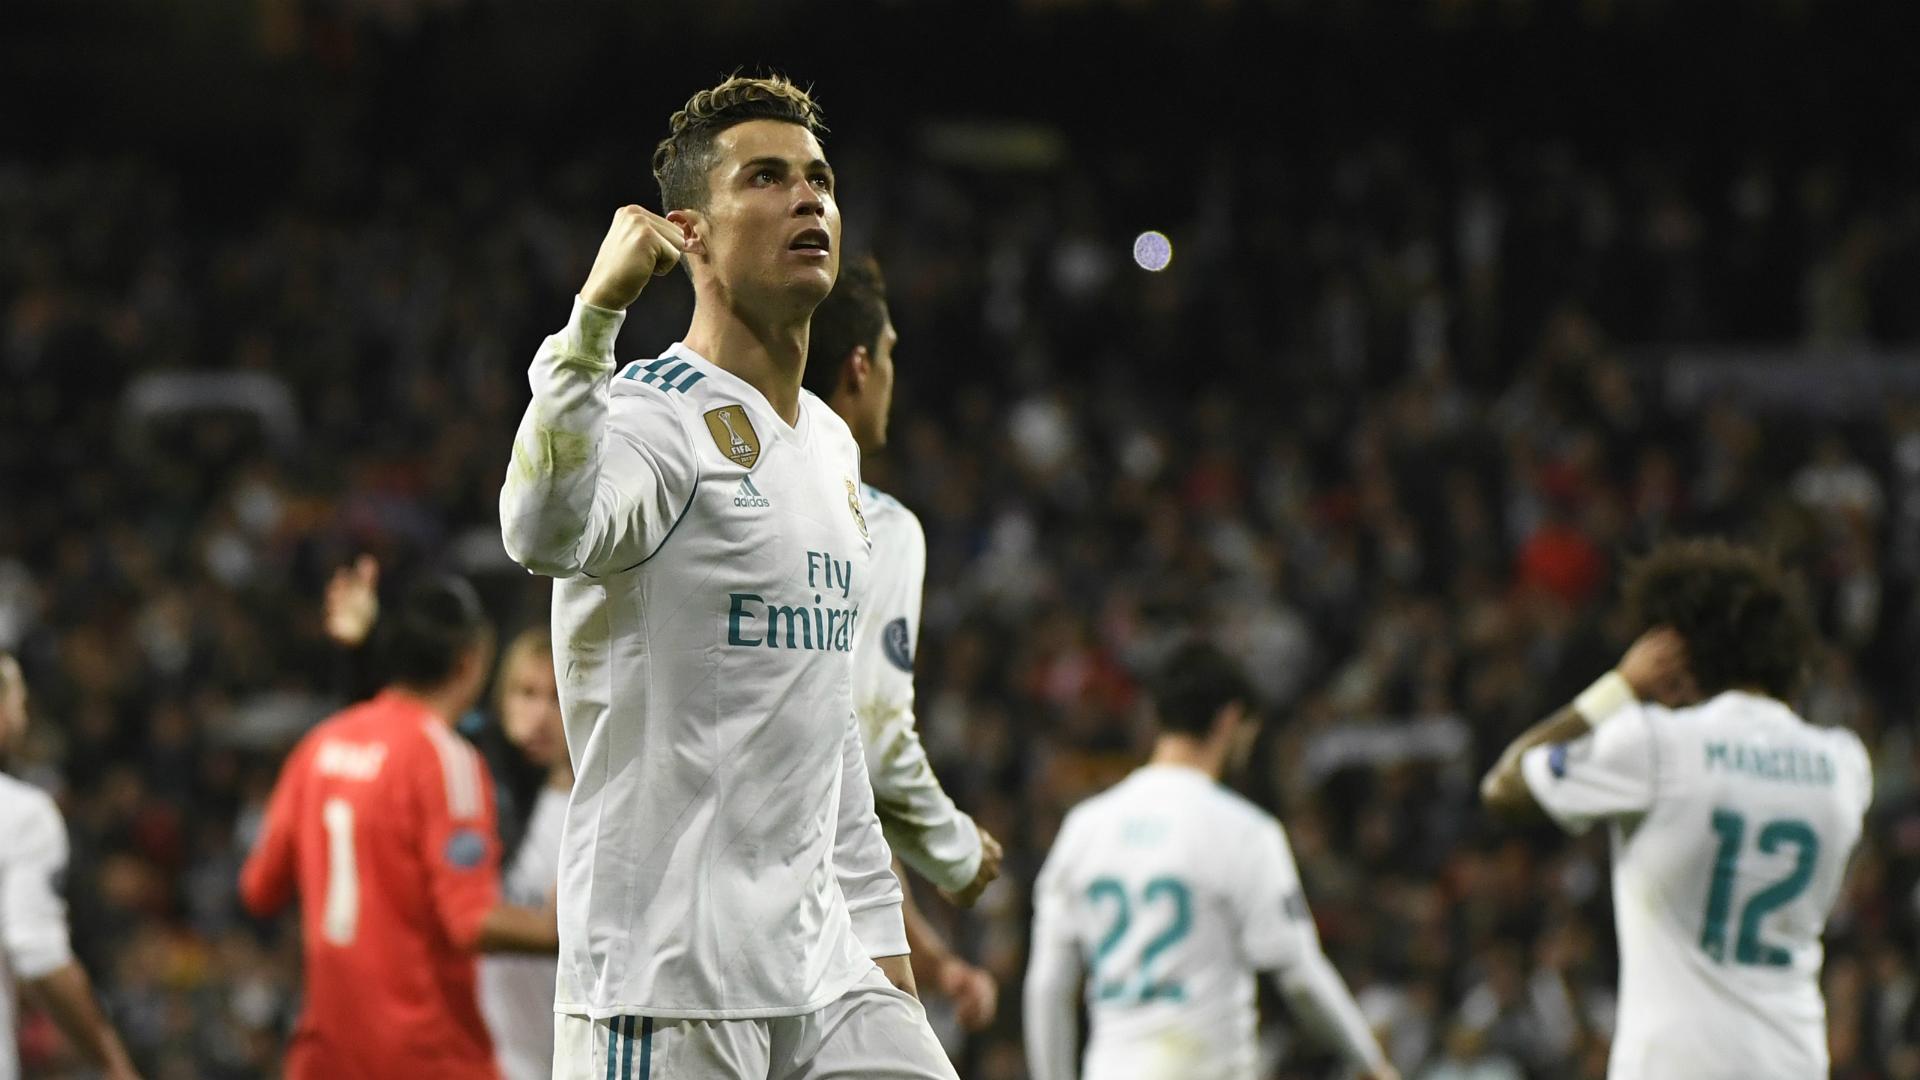 El Madrid sufre… pero avanza gracias a milagroso penal convertido por Ronaldo